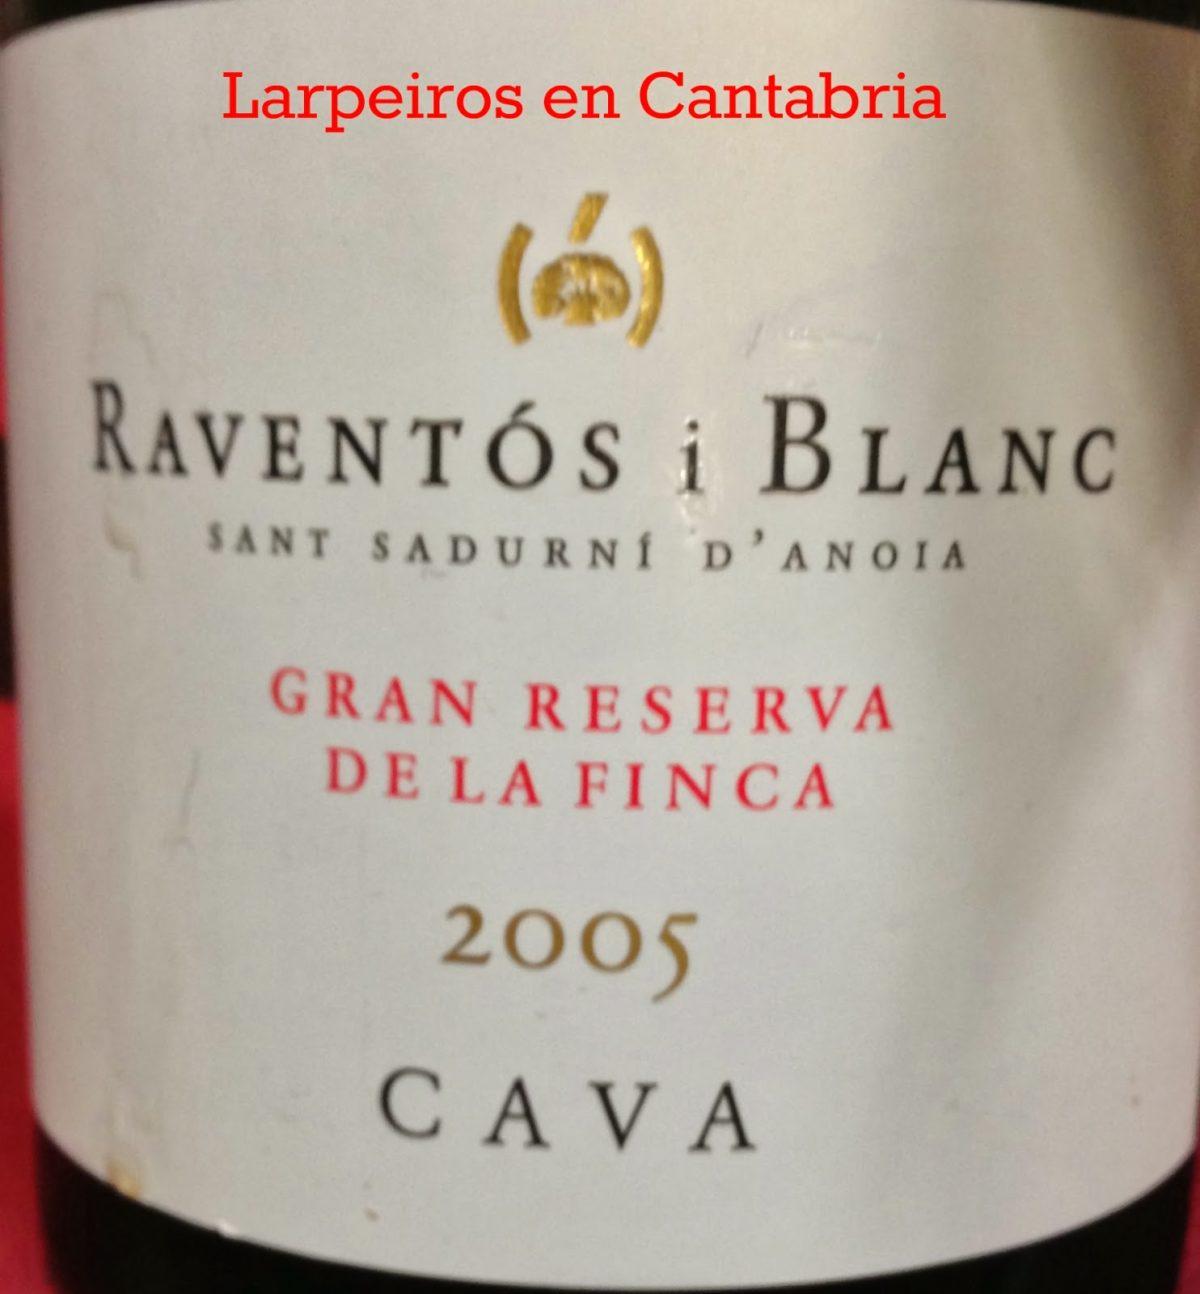 Cava Raventós i Blanc Gran Reserva De La Finca 2005: Grata Sorpresa